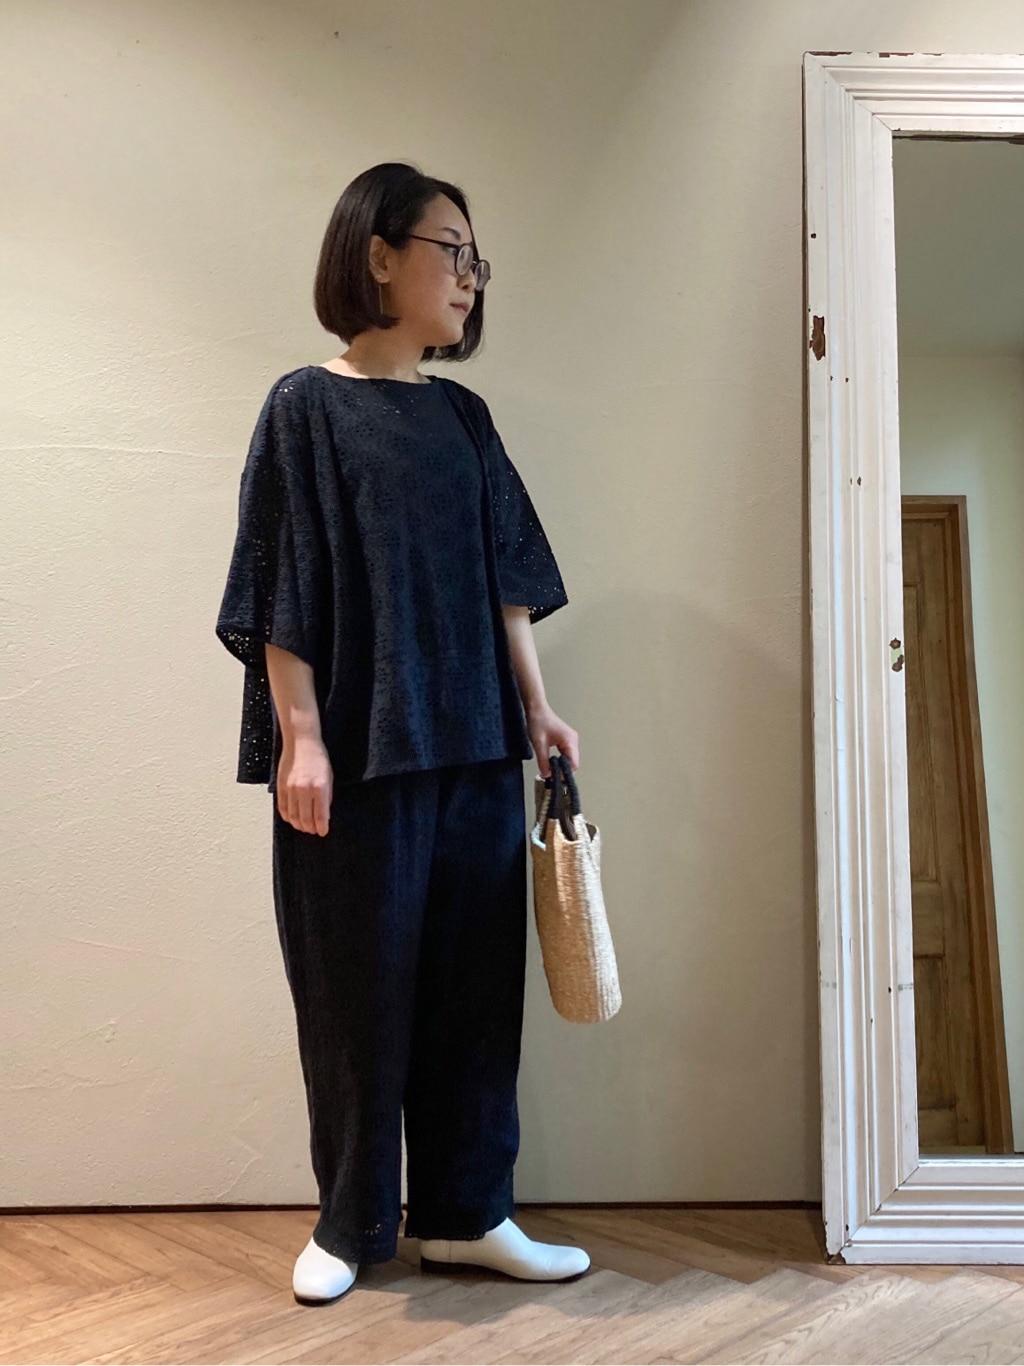 yuni 京都路面 身長:152cm 2021.04.15